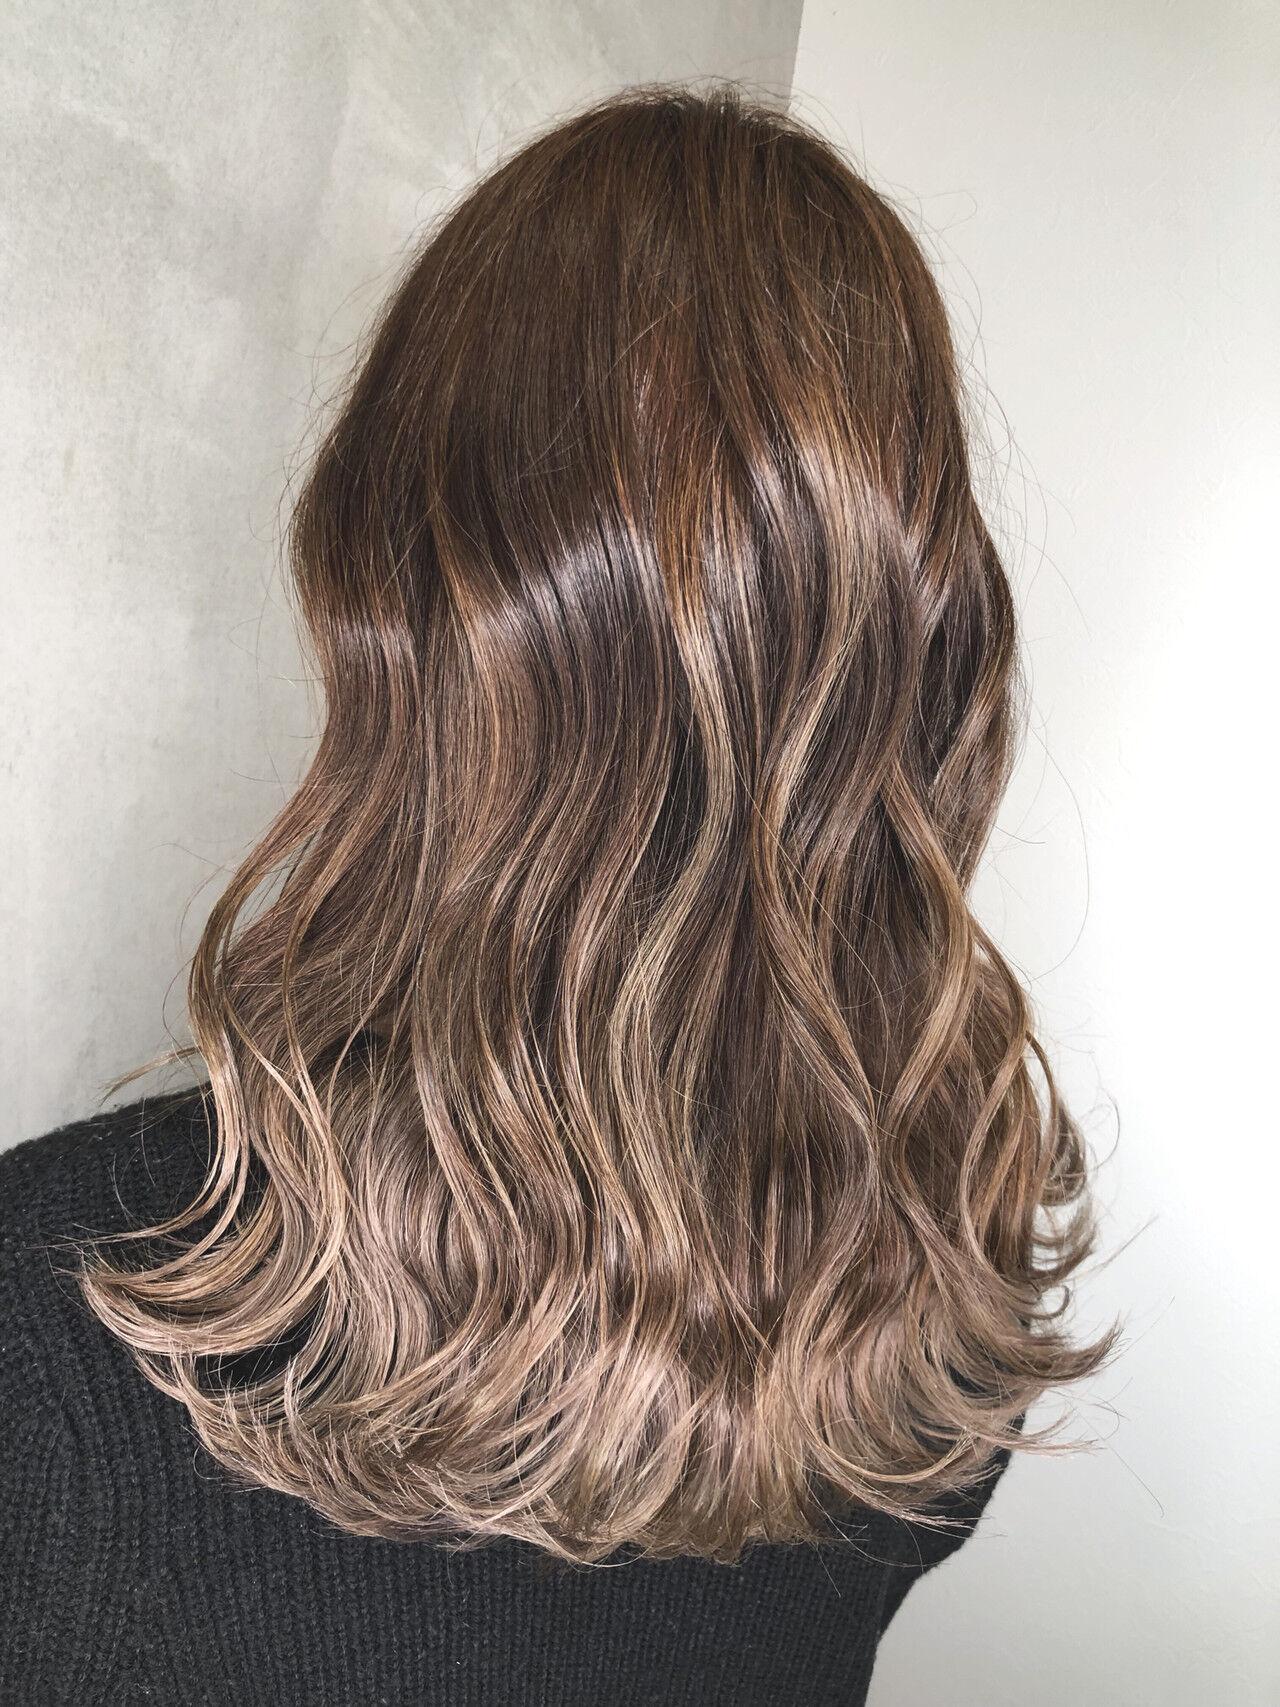 アウトドア セミロング デート 簡単ヘアアレンジヘアスタイルや髪型の写真・画像